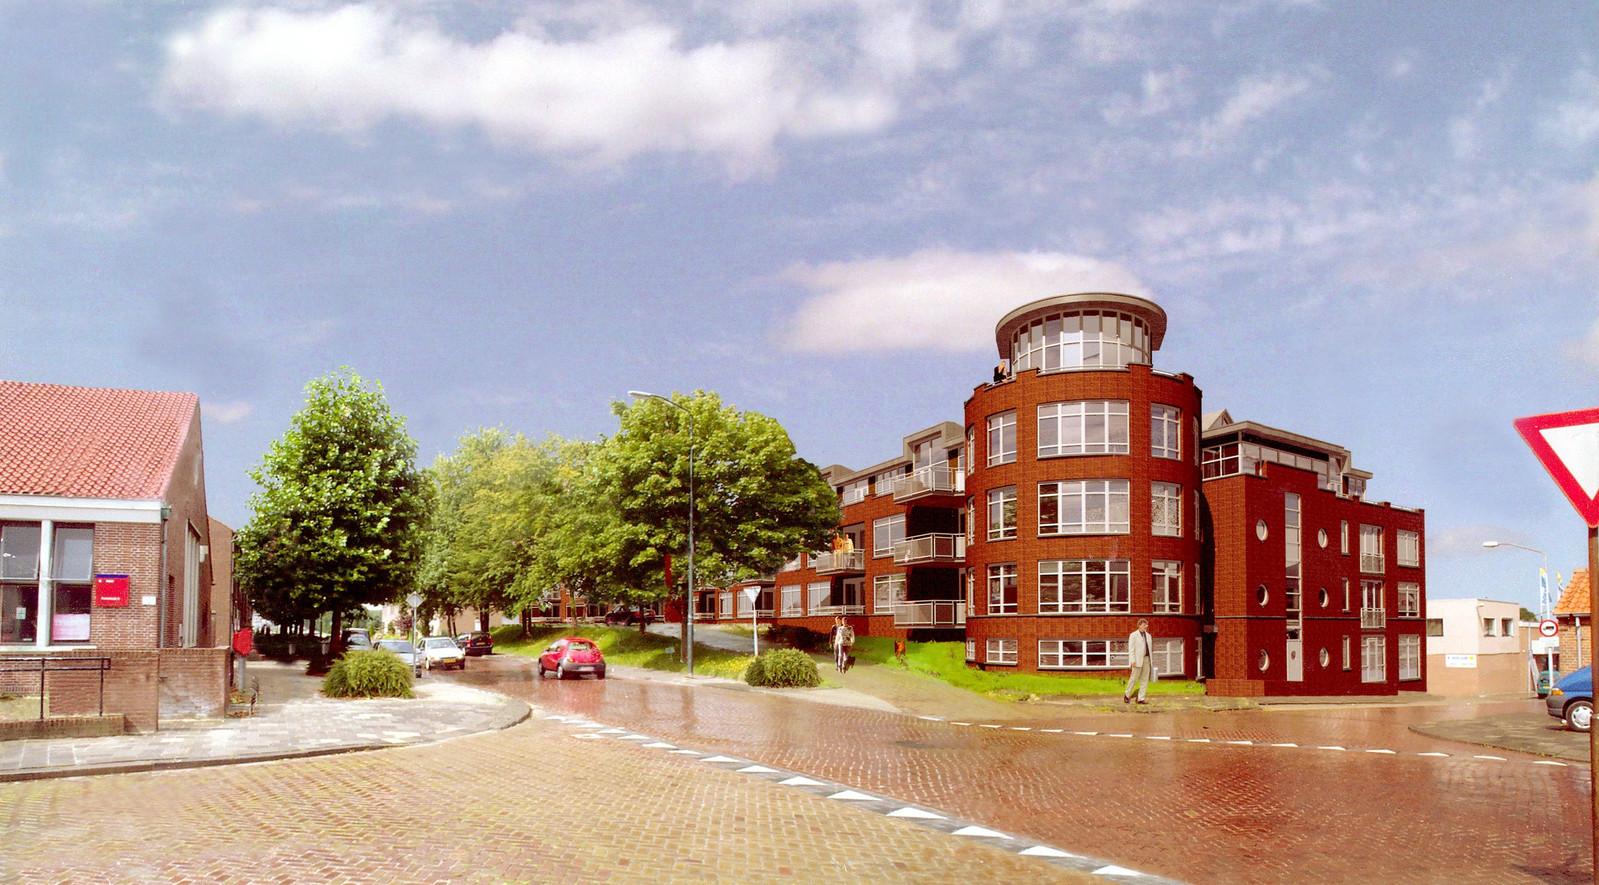 Het meer dan vijftien jaar oude plan van Brabants Westhoek en Zeeman Vastgoed voor de Bult van Pars in Klundert: 49 huur- en koopappartementen. Het is voormalig volkshuisvester Christ de Jong een raadsel waarom het nooit van de grond is gekomen.